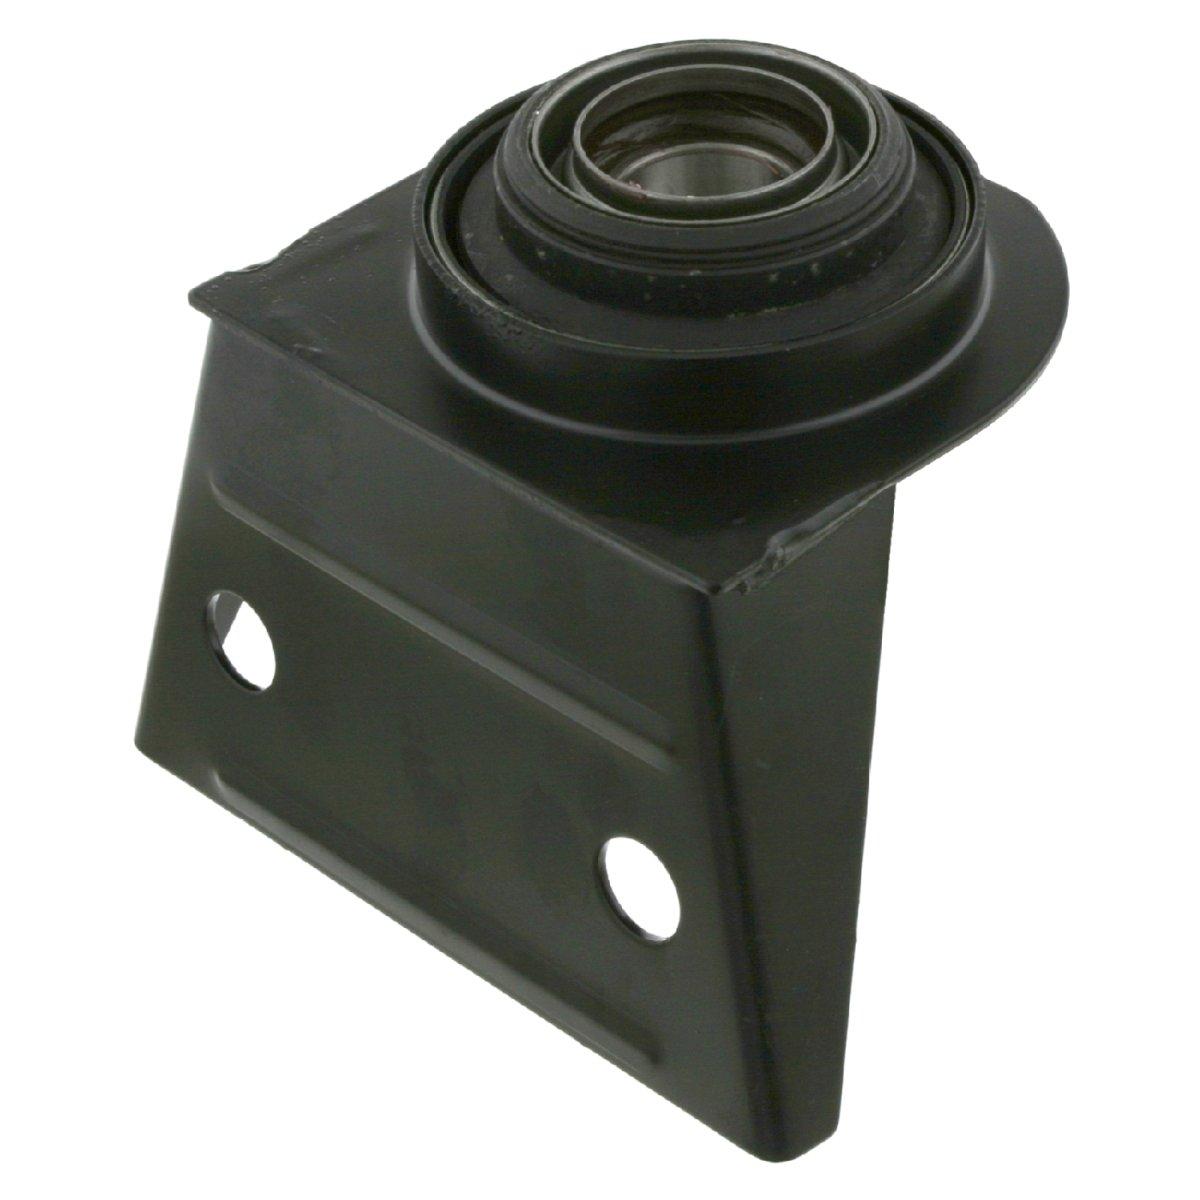 163 410 00 10 Drive Shaft Center Support Bearing by Febi-Bilstein